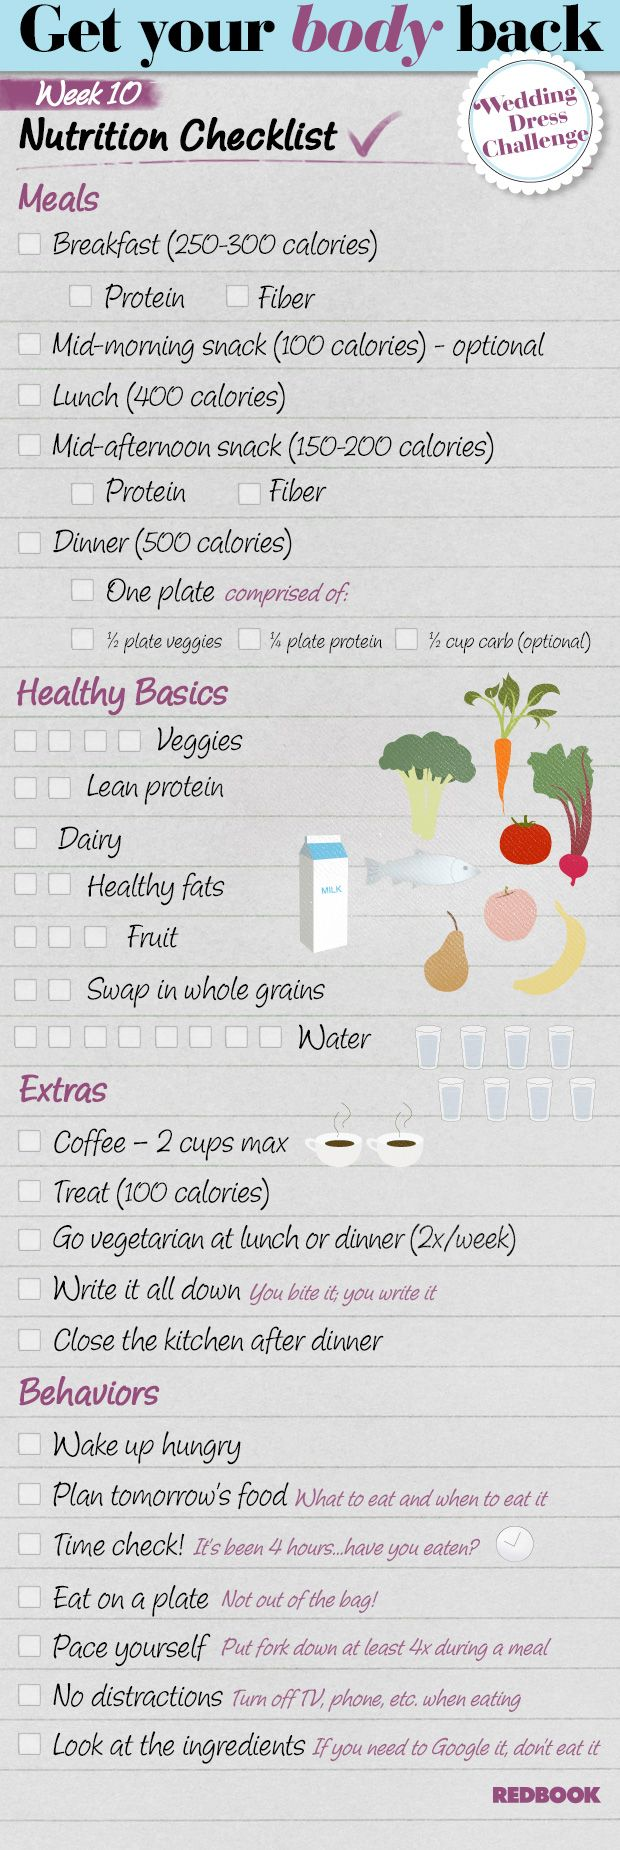 Wedding Dress Challenge Eating Checklist Week 10 - Redbook